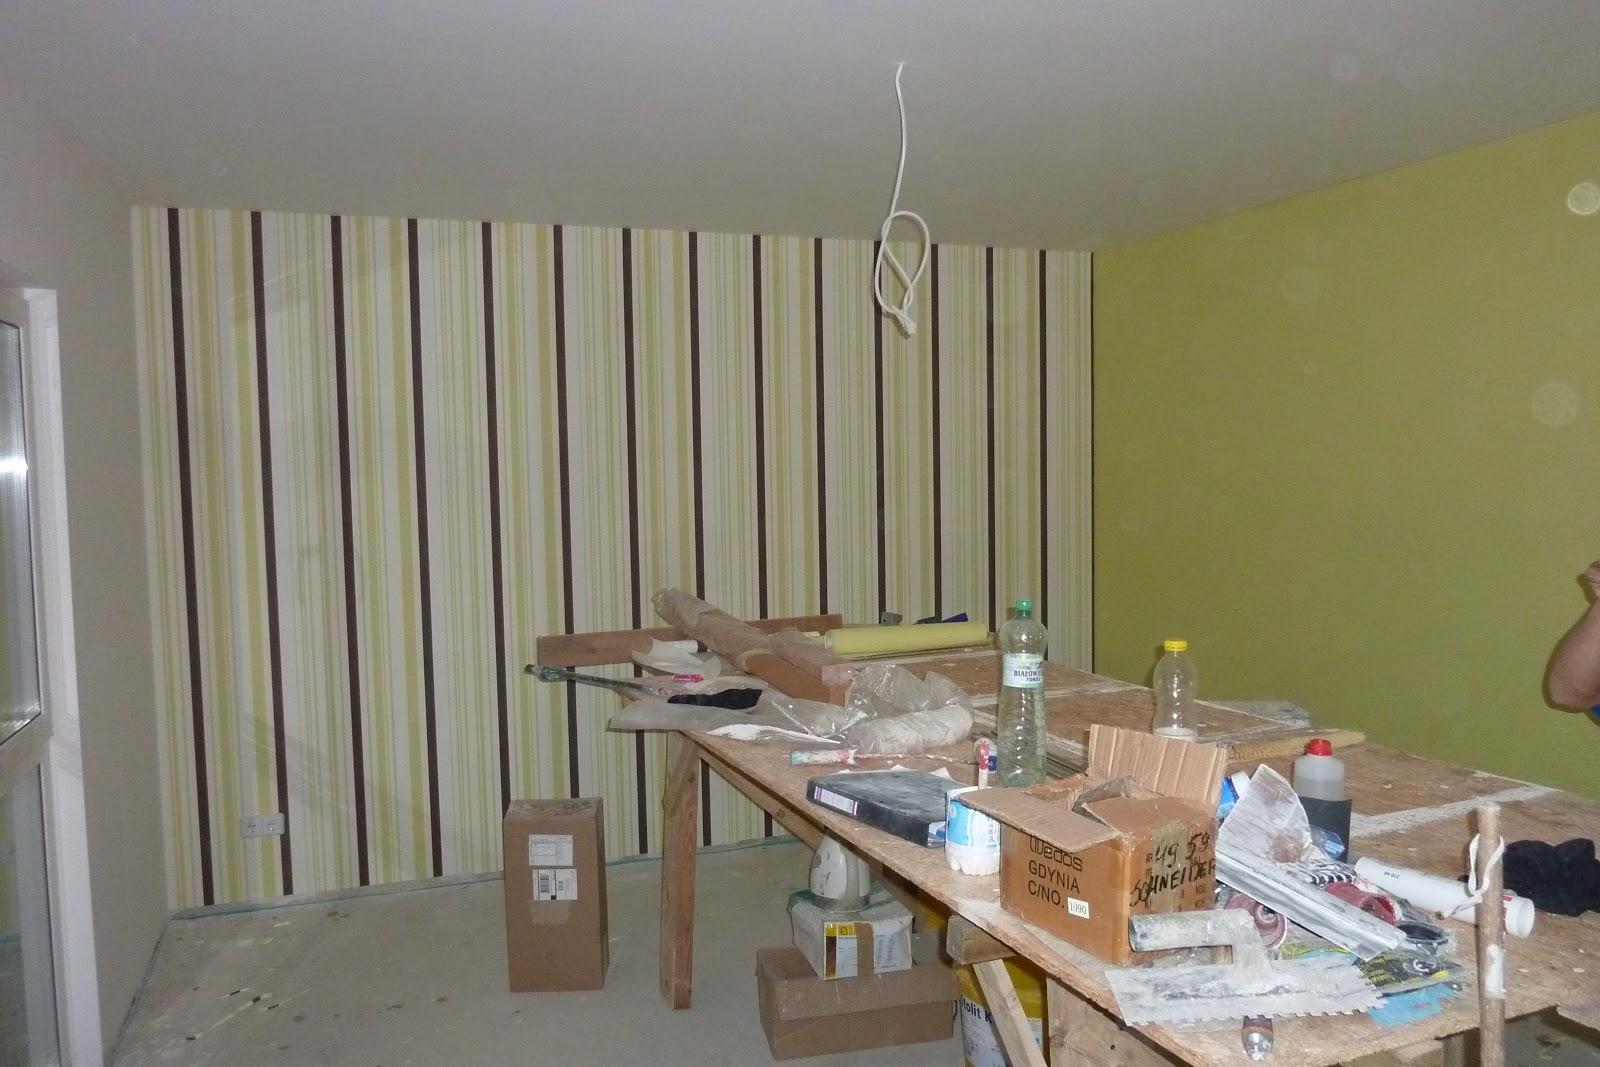 bauen mit danwood glatthaar bautagebuch aus der eifel vorabnahme. Black Bedroom Furniture Sets. Home Design Ideas